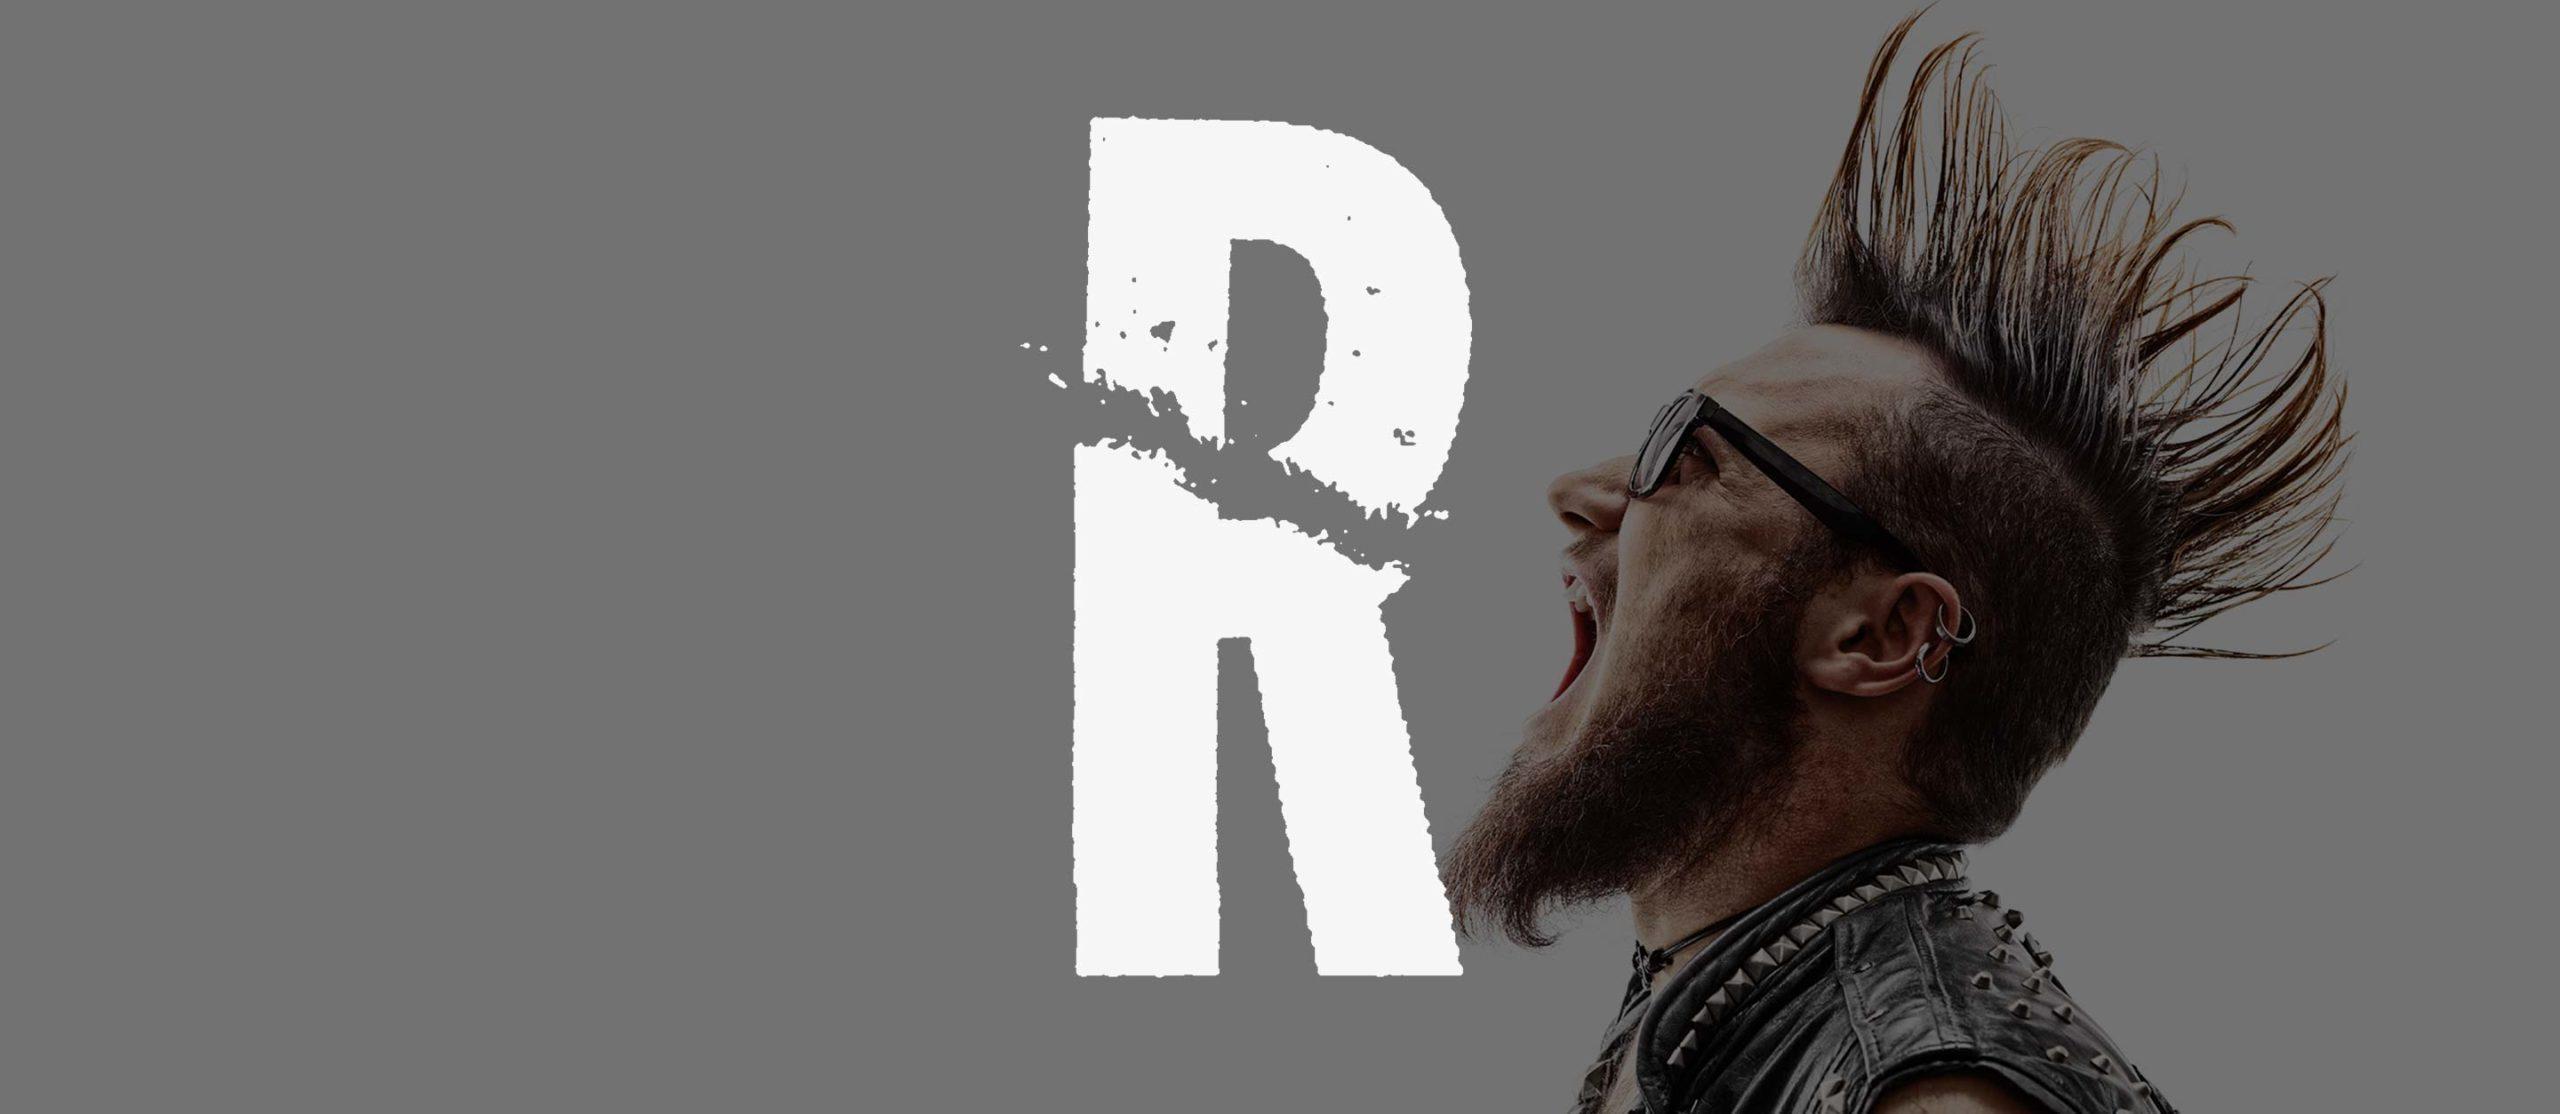 ROCKABILIA.COM